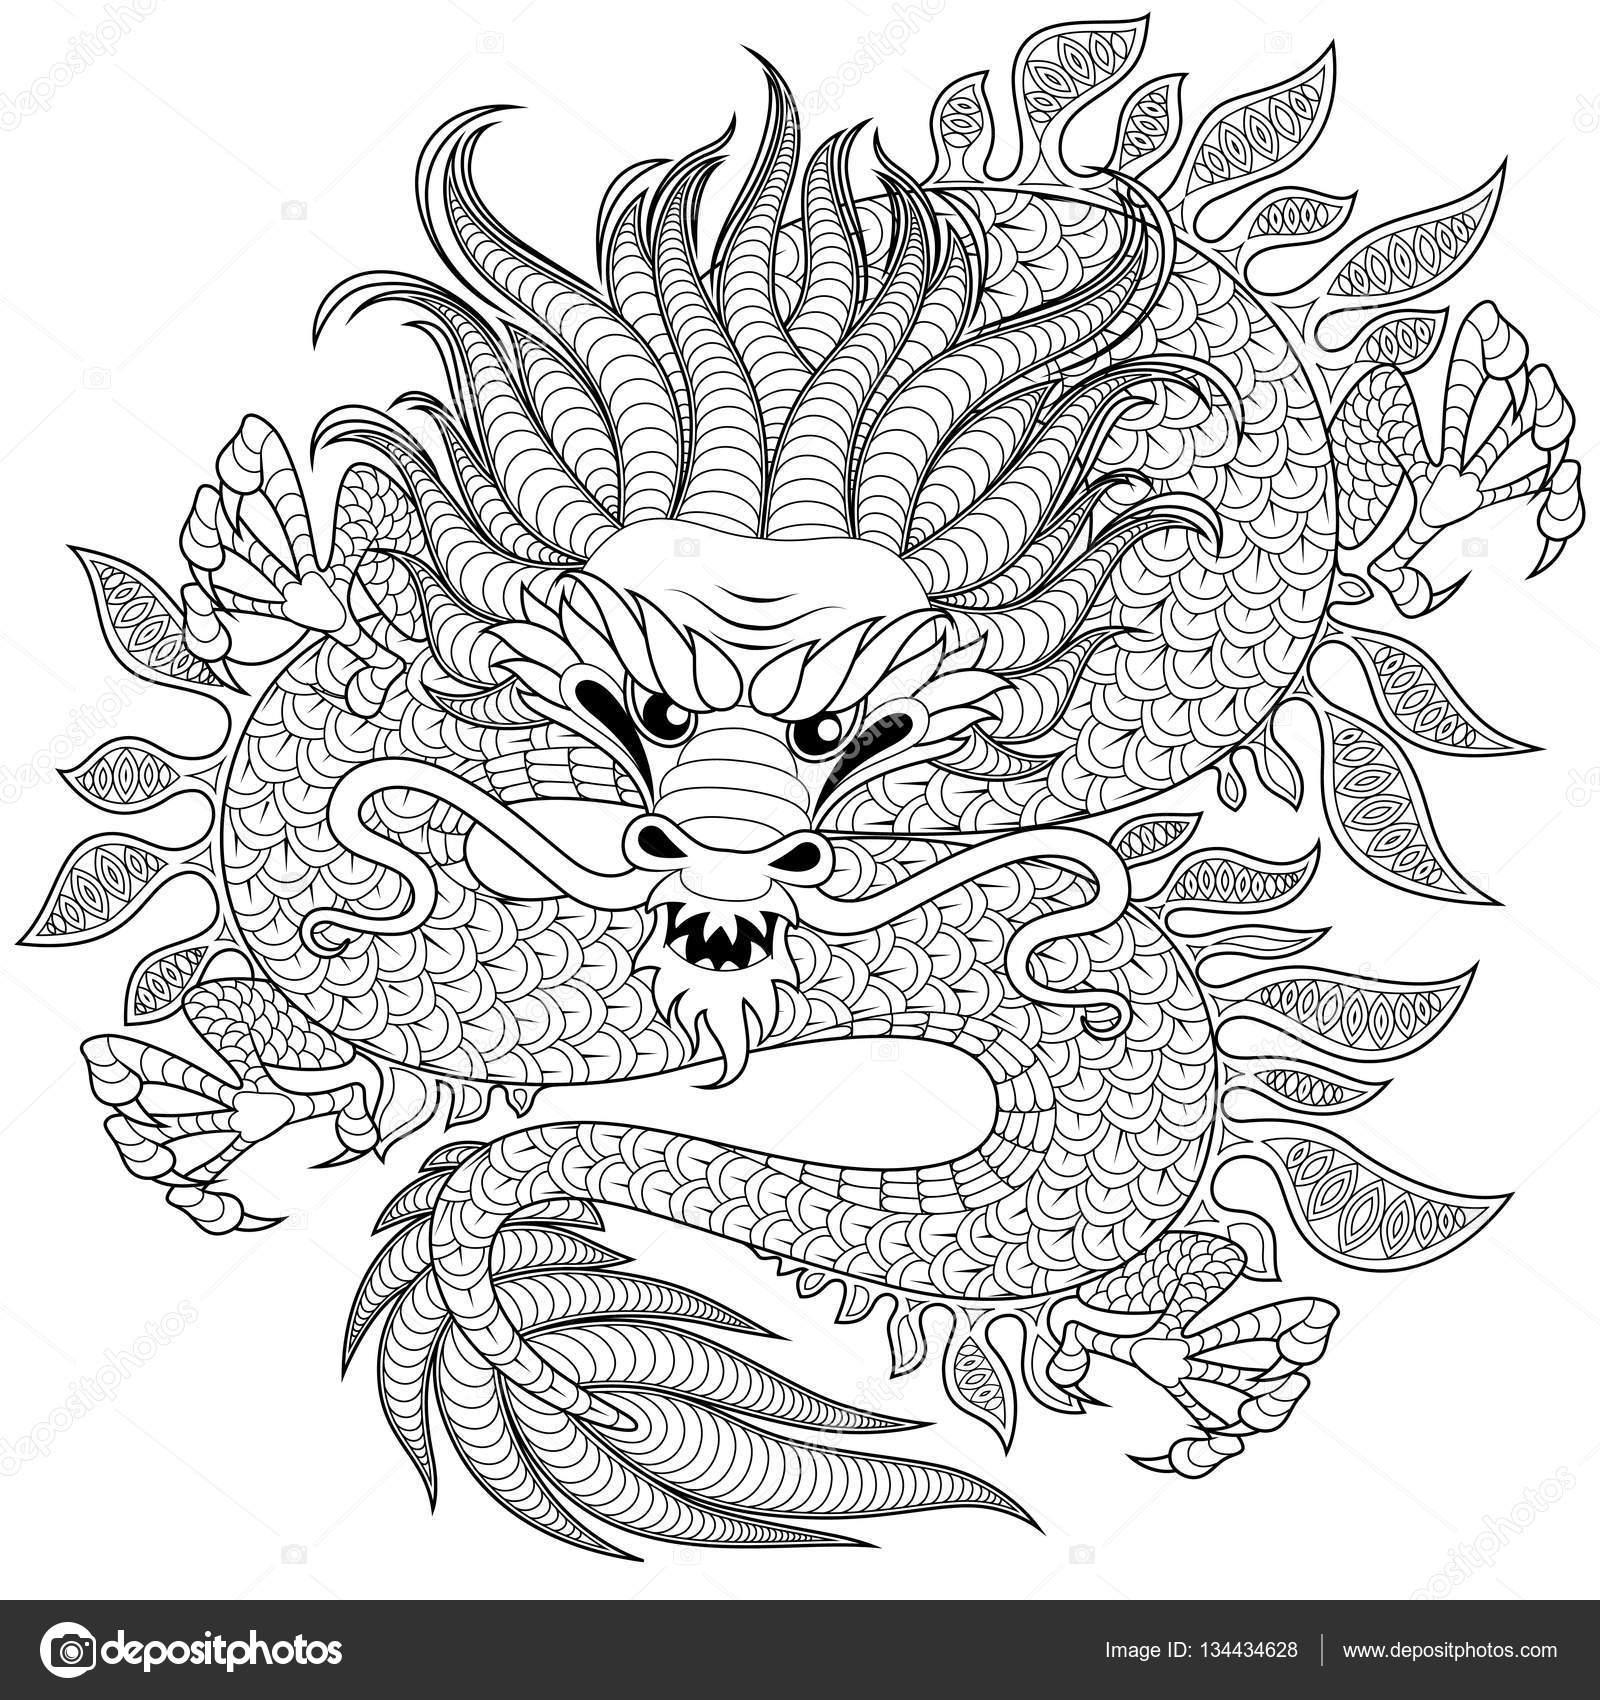 Kleurplaten Chinese Draak.Chinese Draak In De Stijl Van De Zentangle Voor Tattoo Volwassen